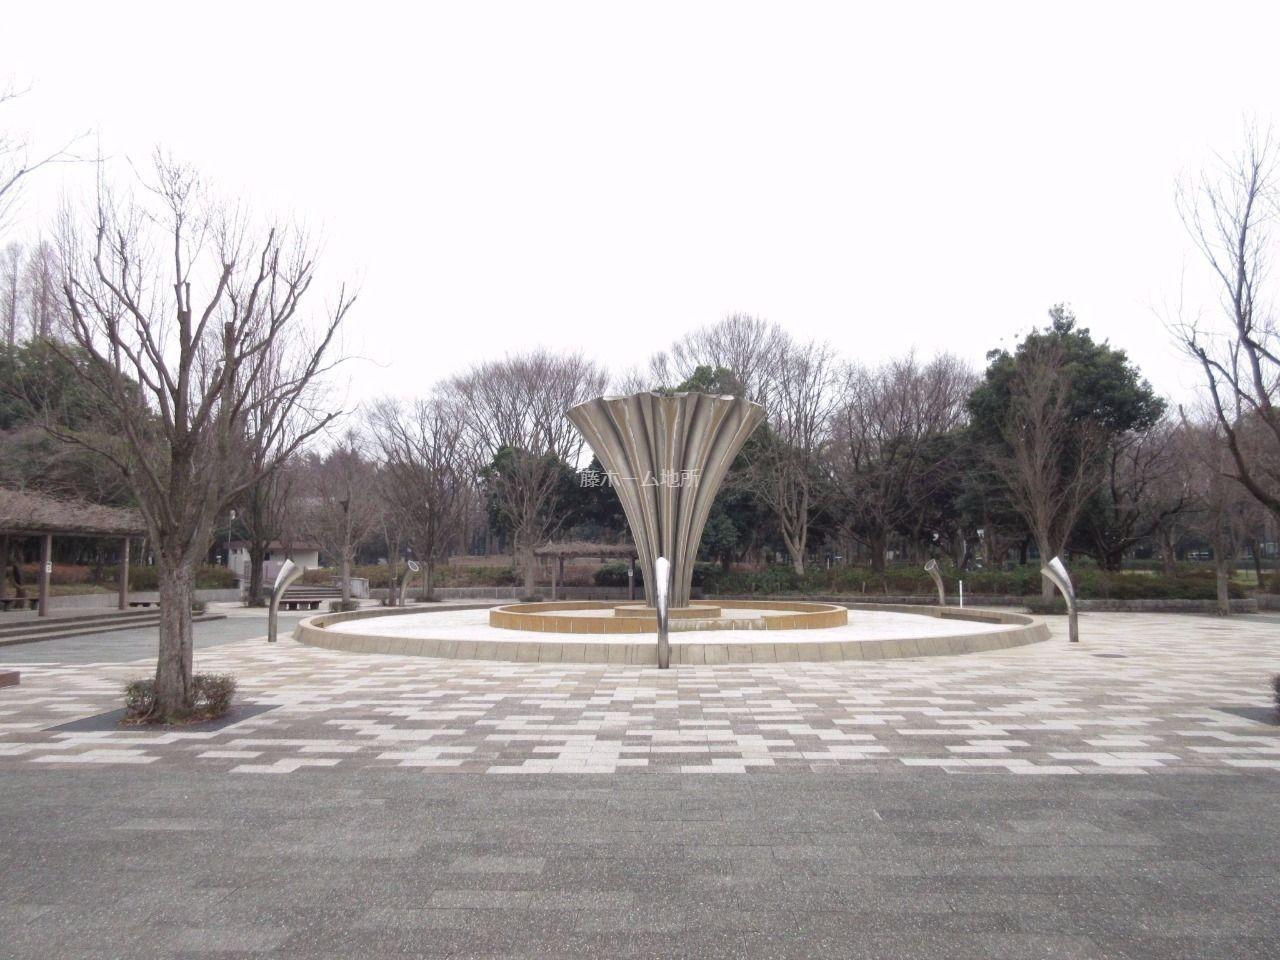 赤塚公園へ歩いて行けます。休日はランニングなどの運動をしてストレス解消もできます。